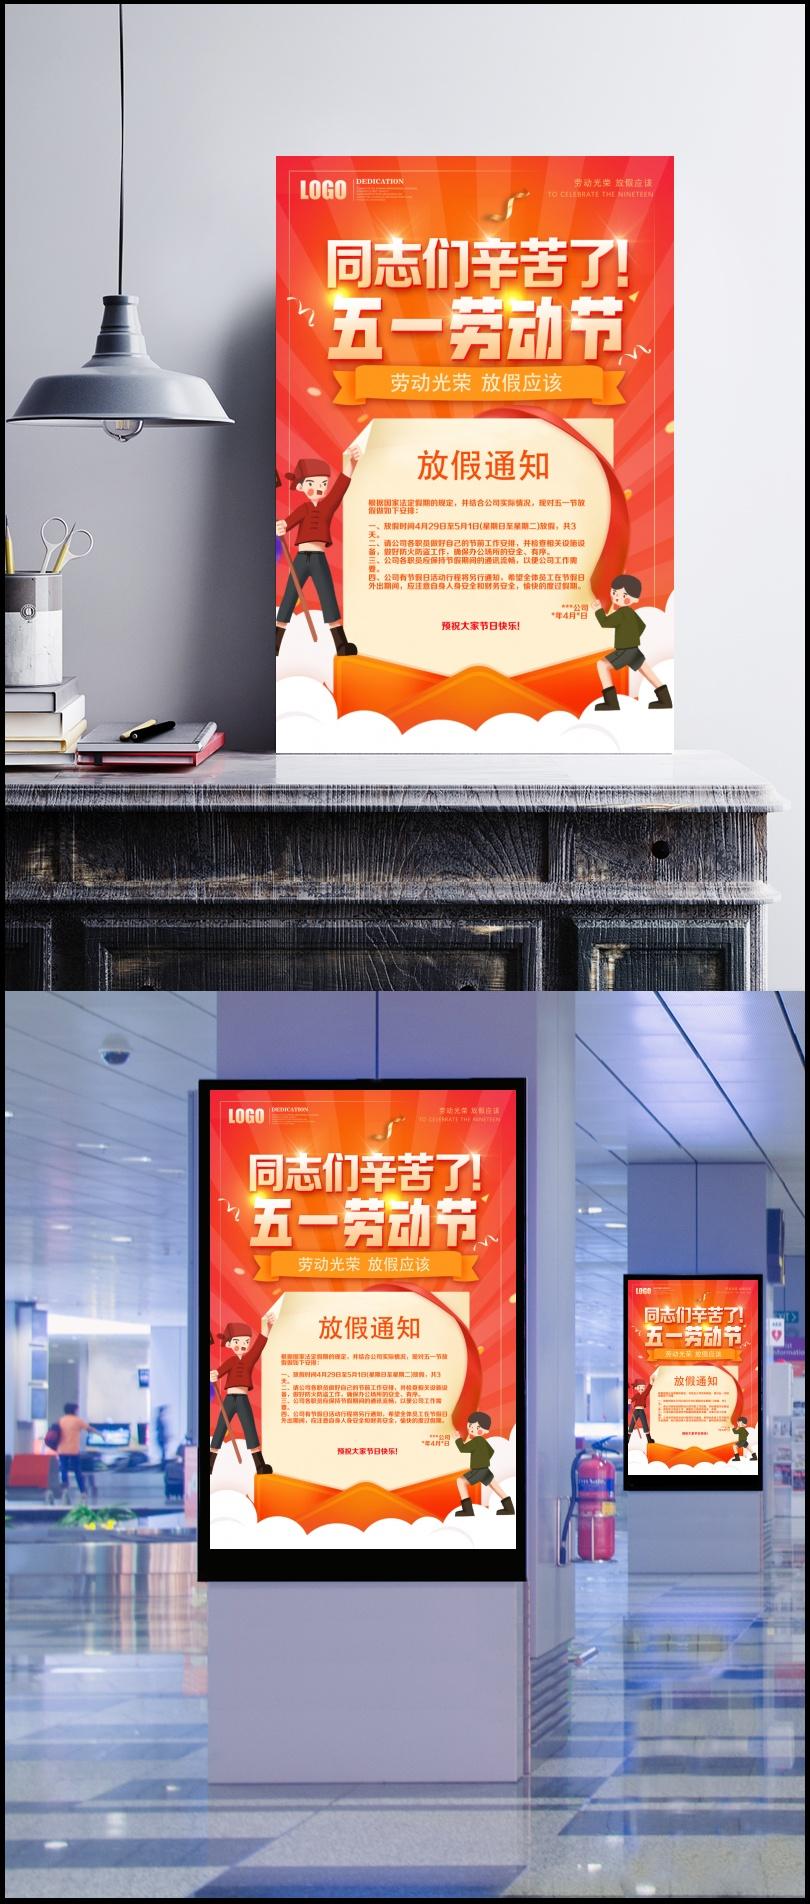 放假通知五一劳动节海报图片